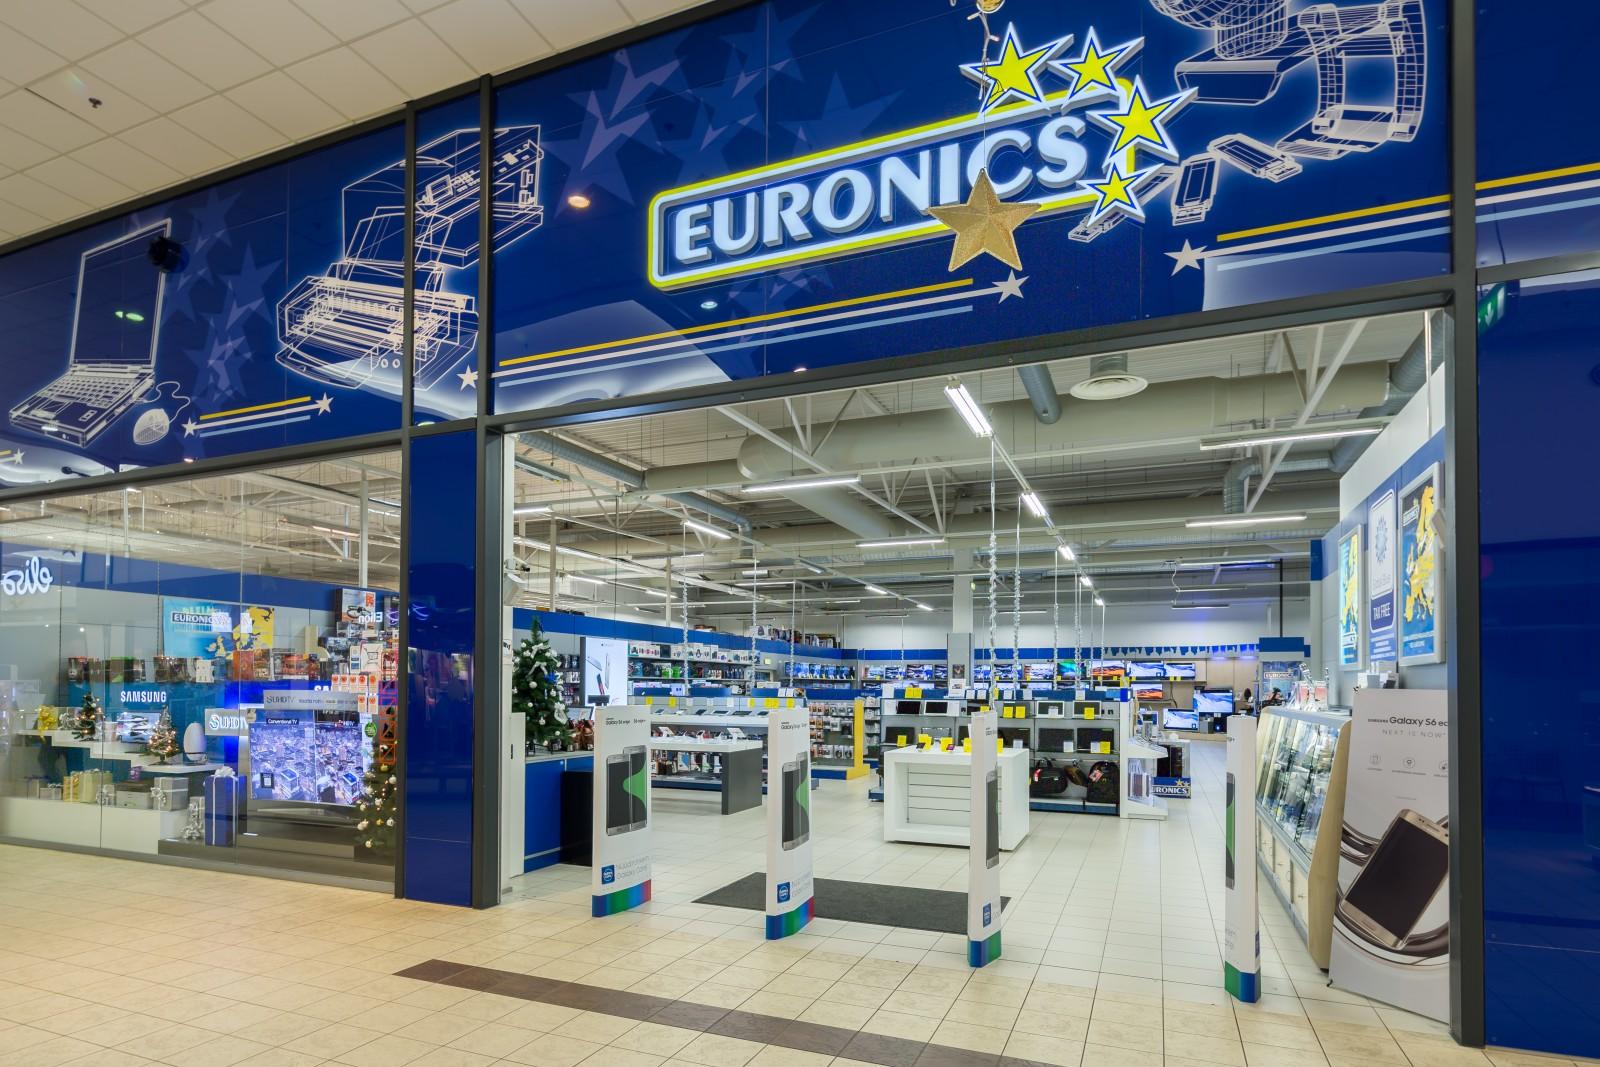 euroniccs